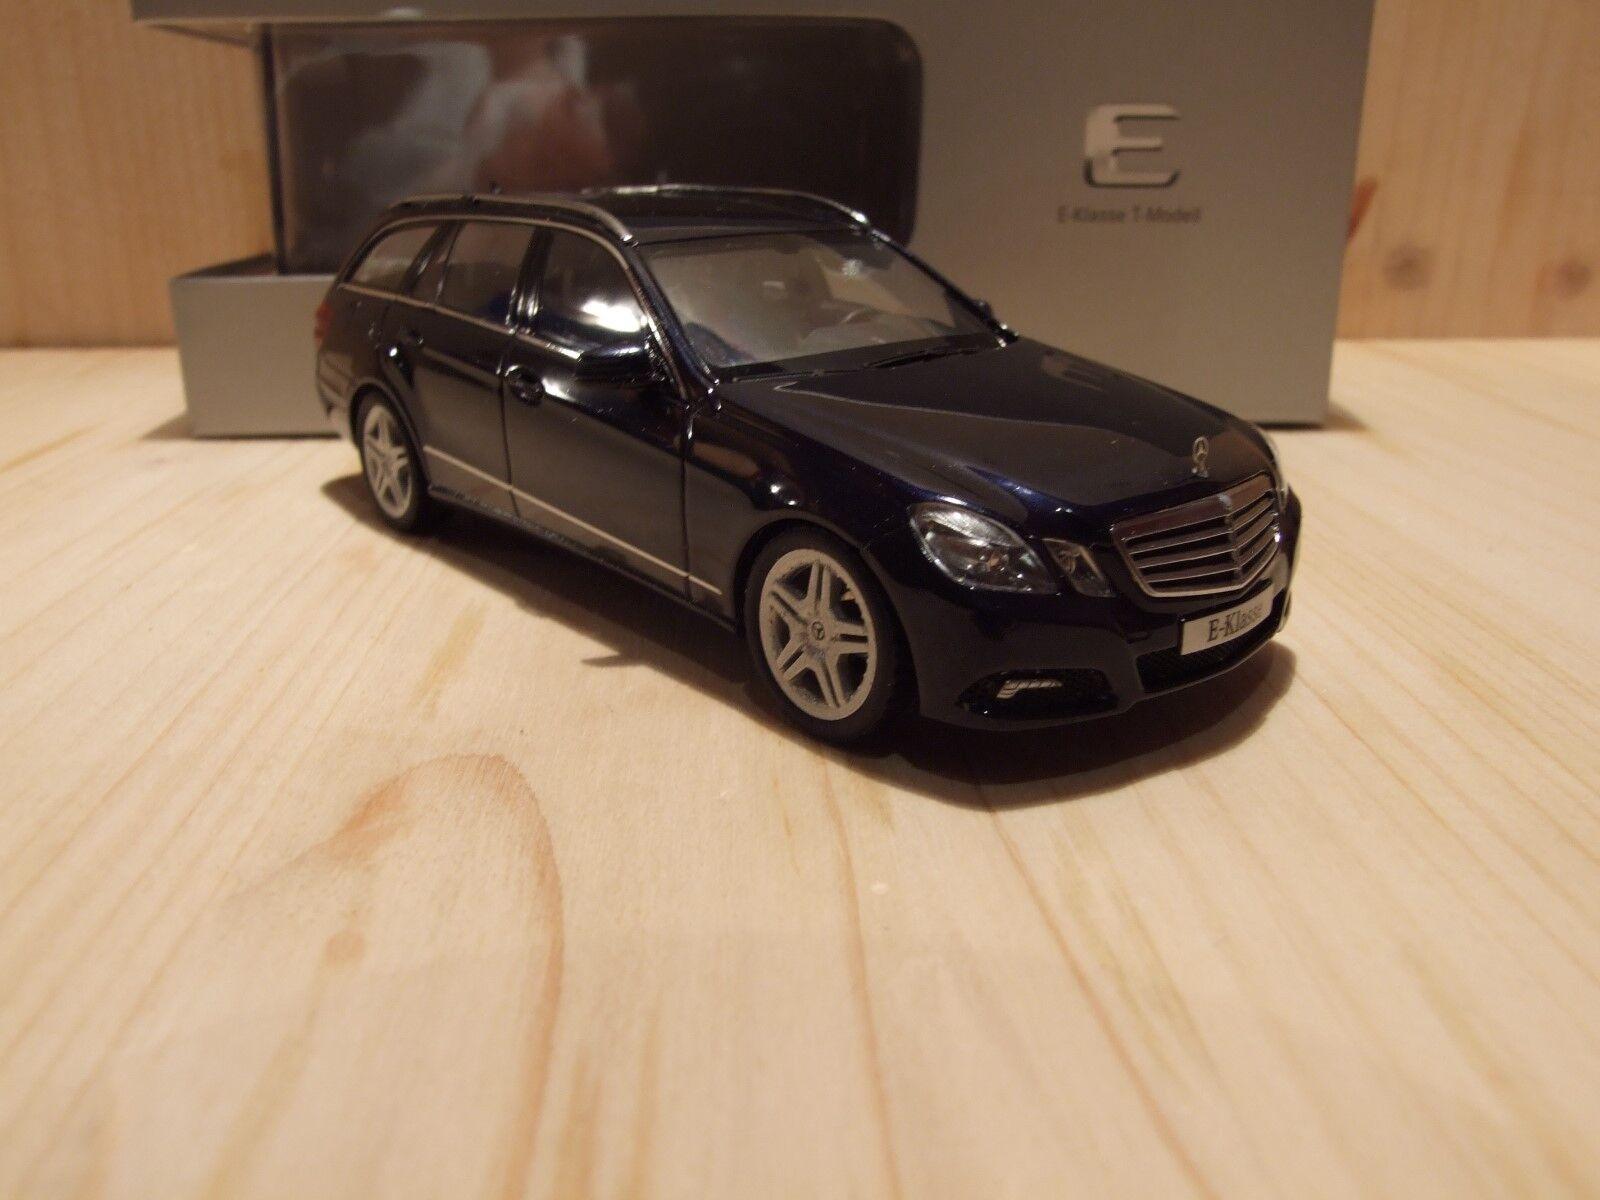 Mercedes-Benz E500, W212, T-Modell, 1 43, tansanitbluemet., AMG-Felgen